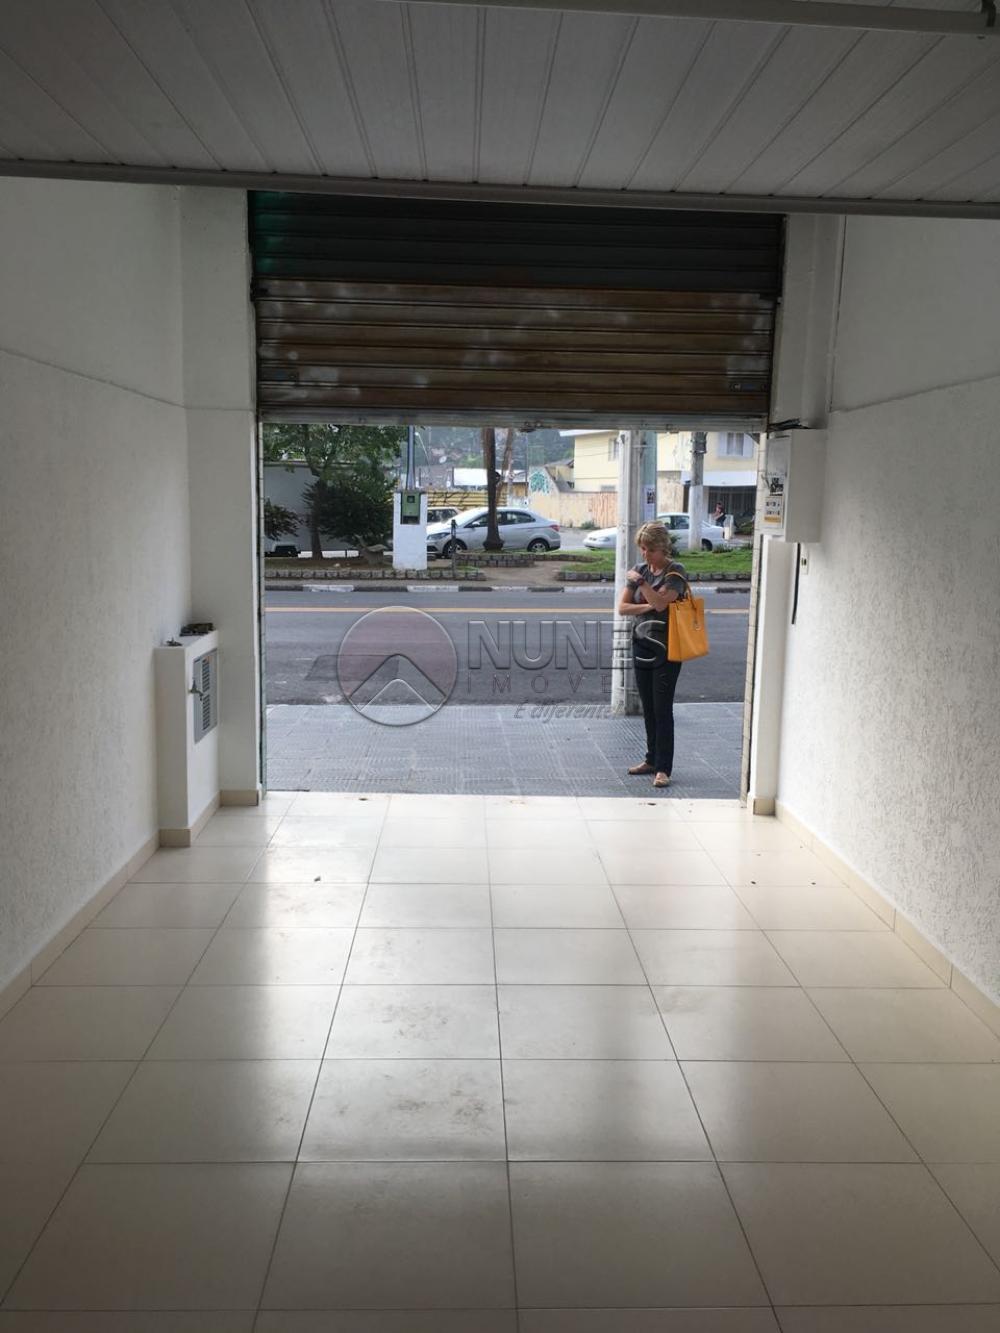 Alugar Comercial / salão em Osasco apenas R$ 1.100,00 - Foto 4